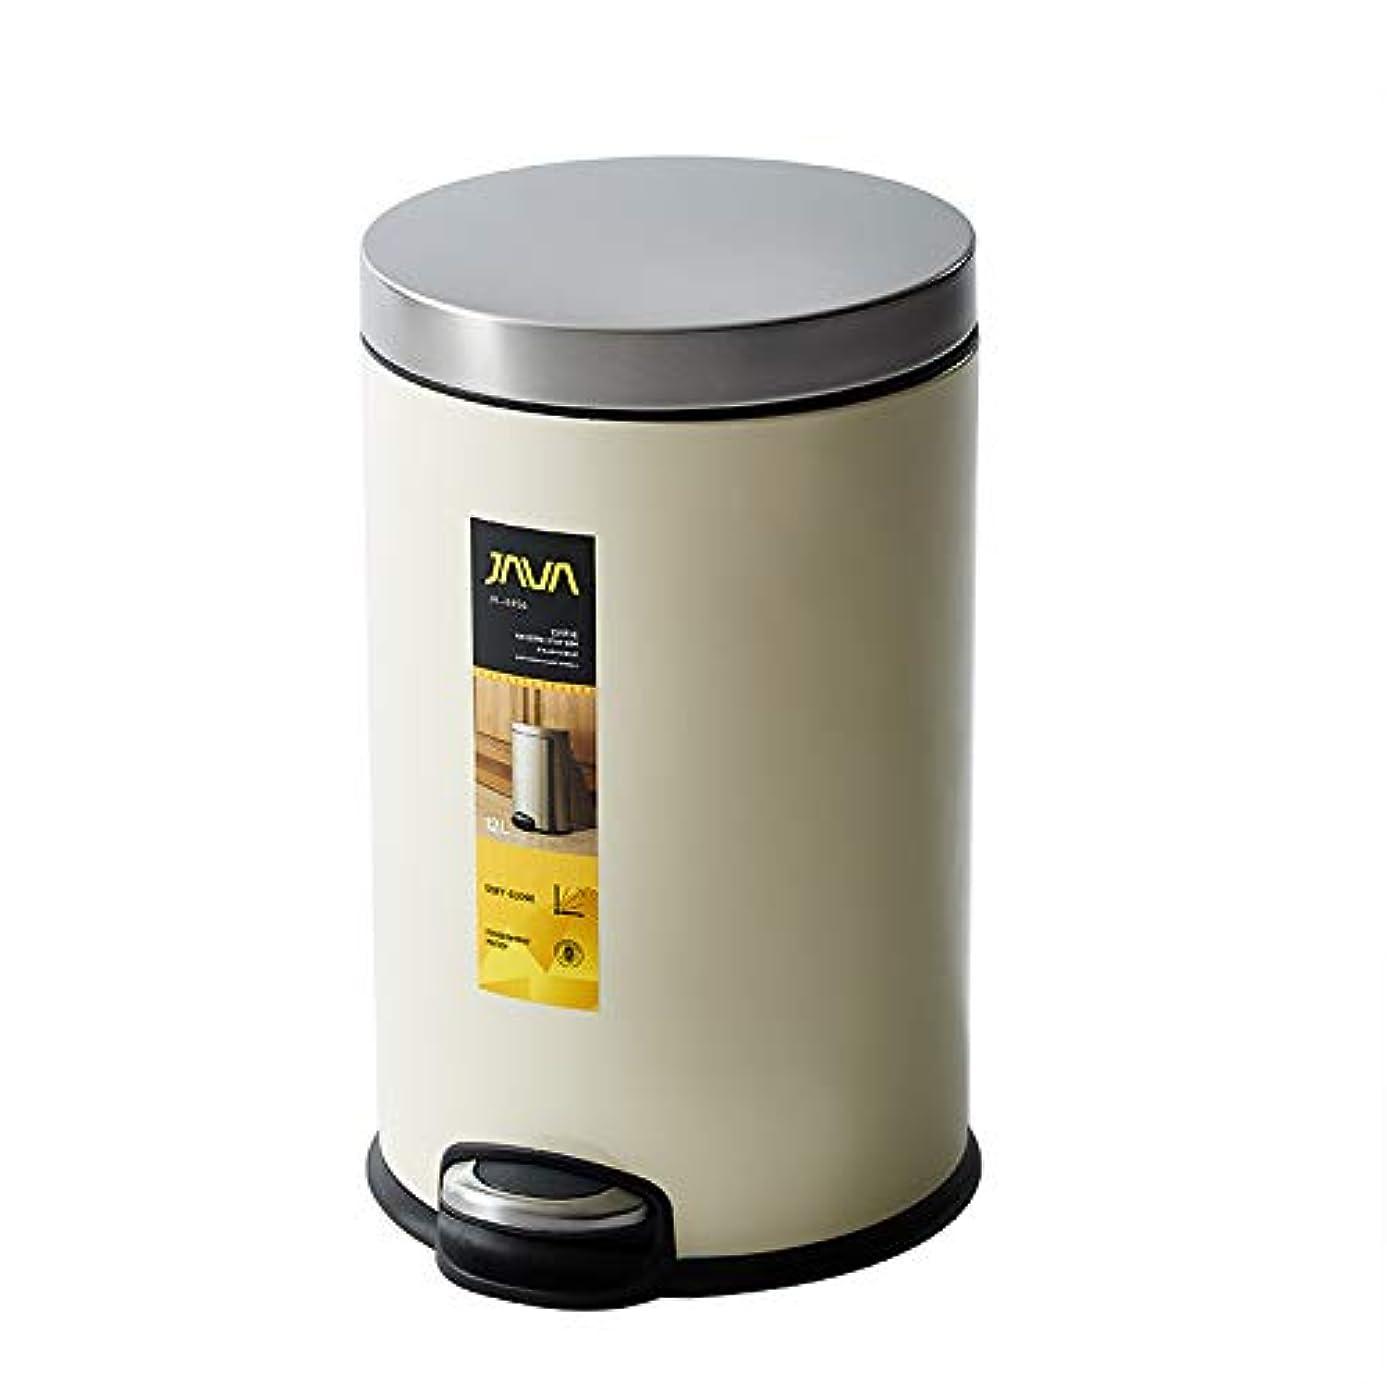 アマチュアインセンティブ教JAVA Effie ペダルビン ステンレス ゴミ箱 12L ベージュ インナーボックス付き